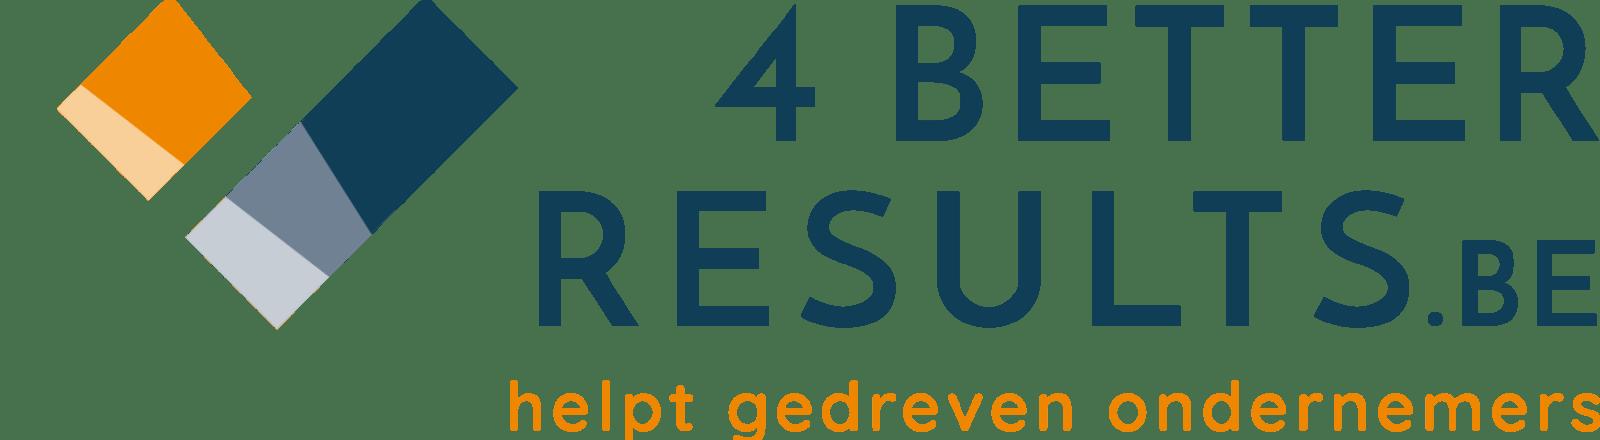 4BetterResults.be: Management Advies en Management Opleiding voor de ondernemer